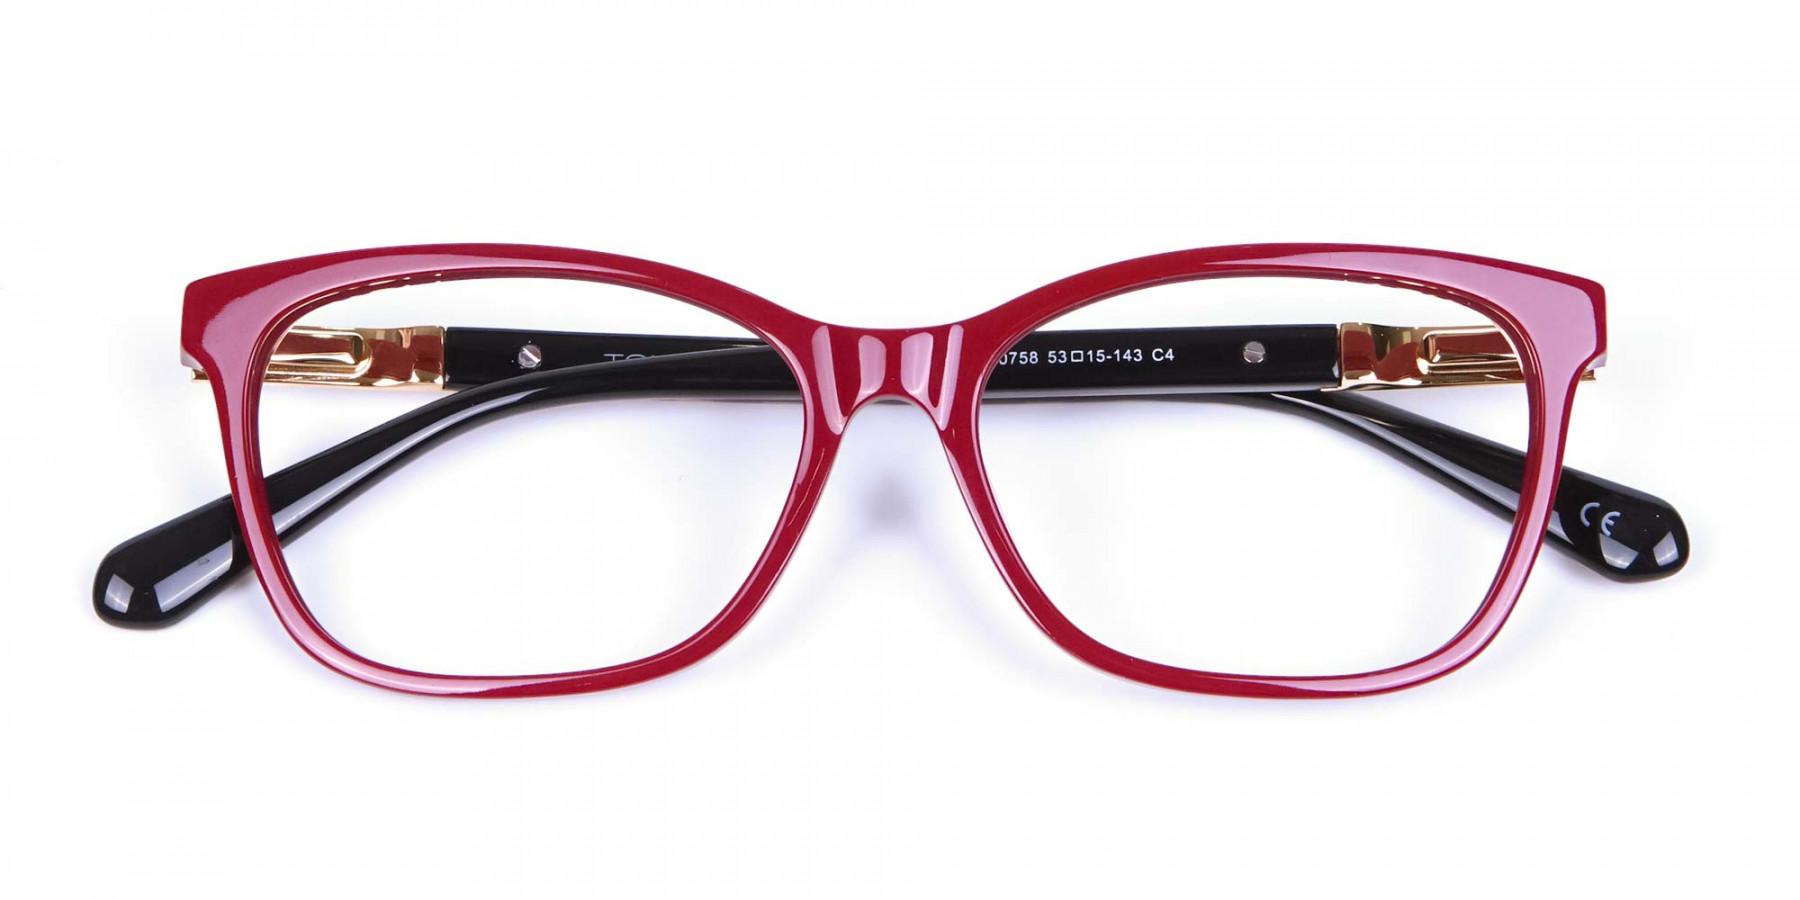 Retro Red Cat Eye Glasses for Women